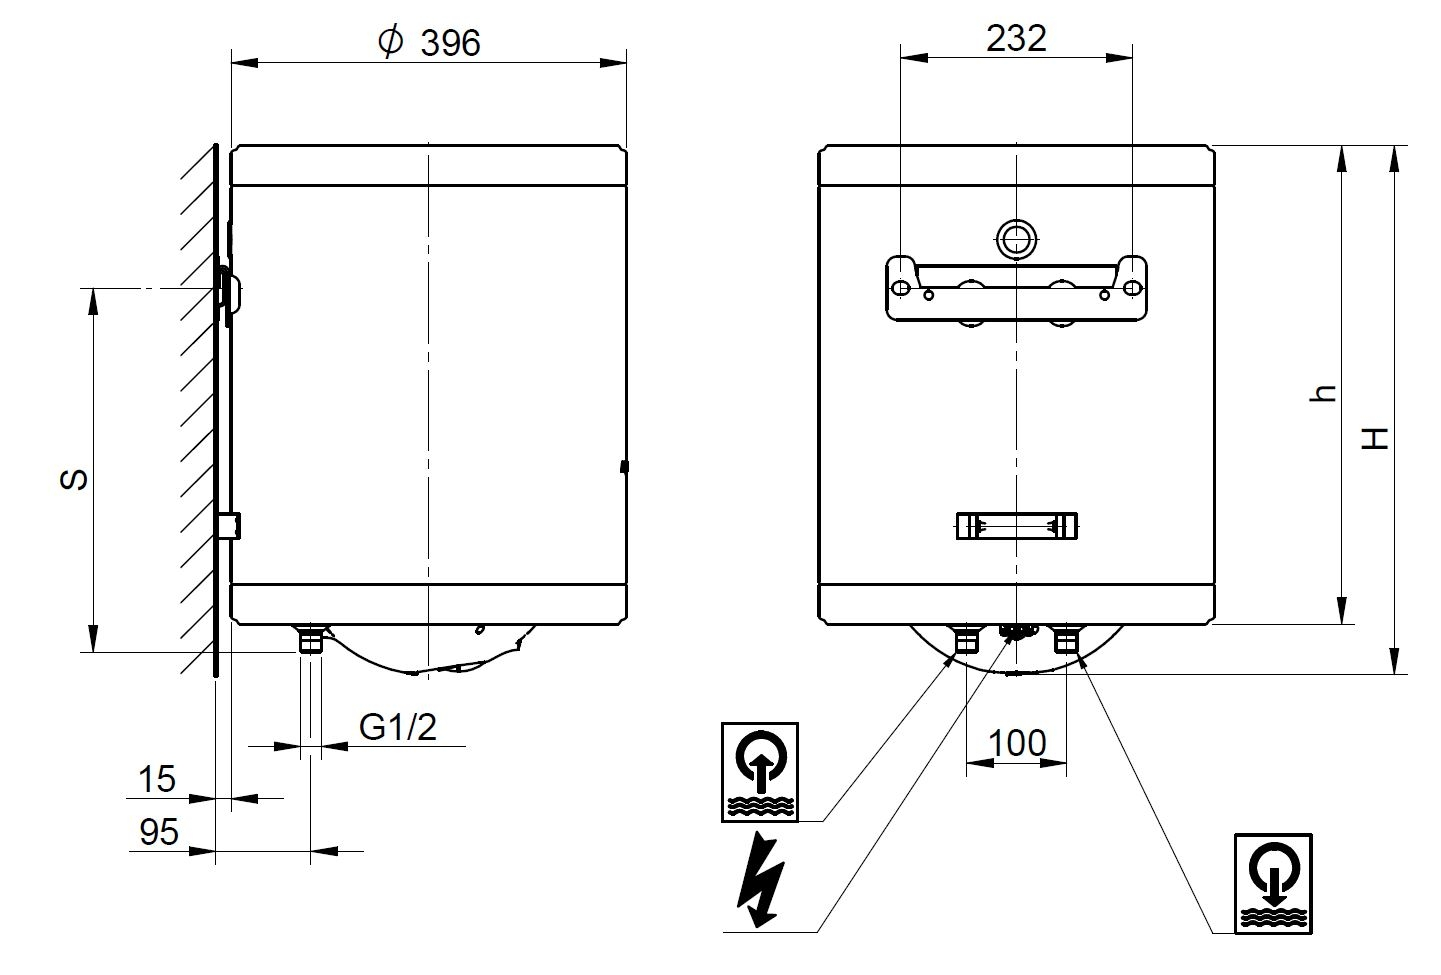 Aquastic (Hajdu Gyártmány) AQ Eco Slim 30 Függesztett villanybojler műszaki ábra